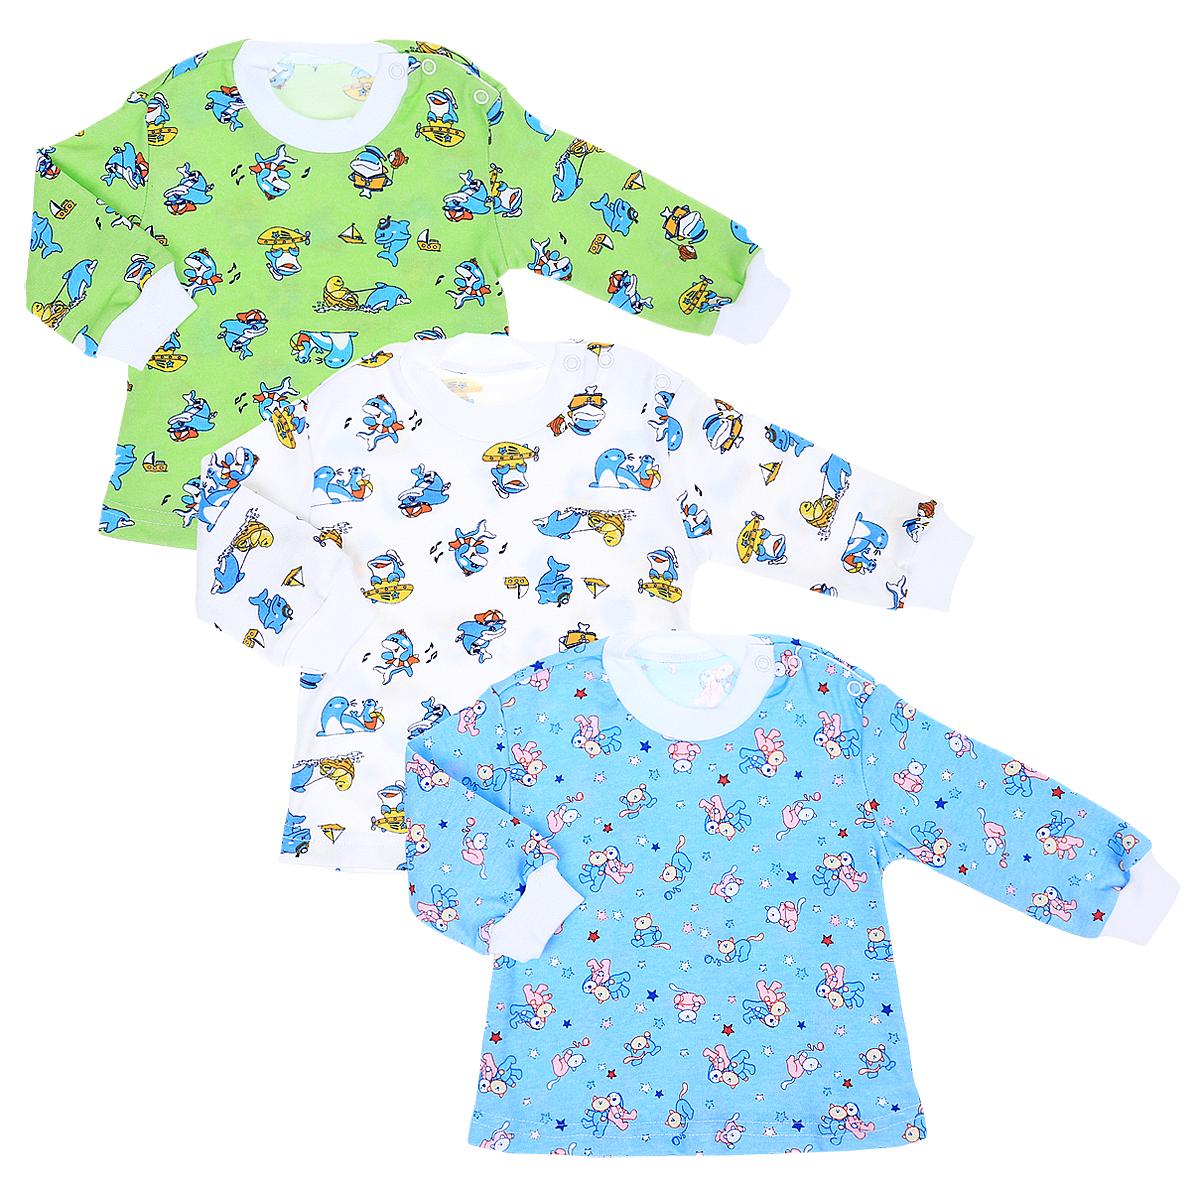 Комплект футболок для мальчика Фреш Стайл, цвет: мультиколор. 33-232м. Размер 8633-232мФутболка с длинными рукавами Фреш Стайл послужит идеальным дополнением к гардеробу малыша.Футболка изготовлена из натурального хлопка, благодаря чему она необычайно мягкая и легкая, не раздражает нежную кожу ребенка и хорошо вентилируется, а эластичные швы приятны телу малыша и не препятствуют его движениям. Футболка имеет удобные запахи на плечах, которые позволяют без труда переодеть ребенка. Оформлена модель оригинальным рисунком с изображением забавных животных.В такой футболке ваш ребенок всегда будет в центре внимания!